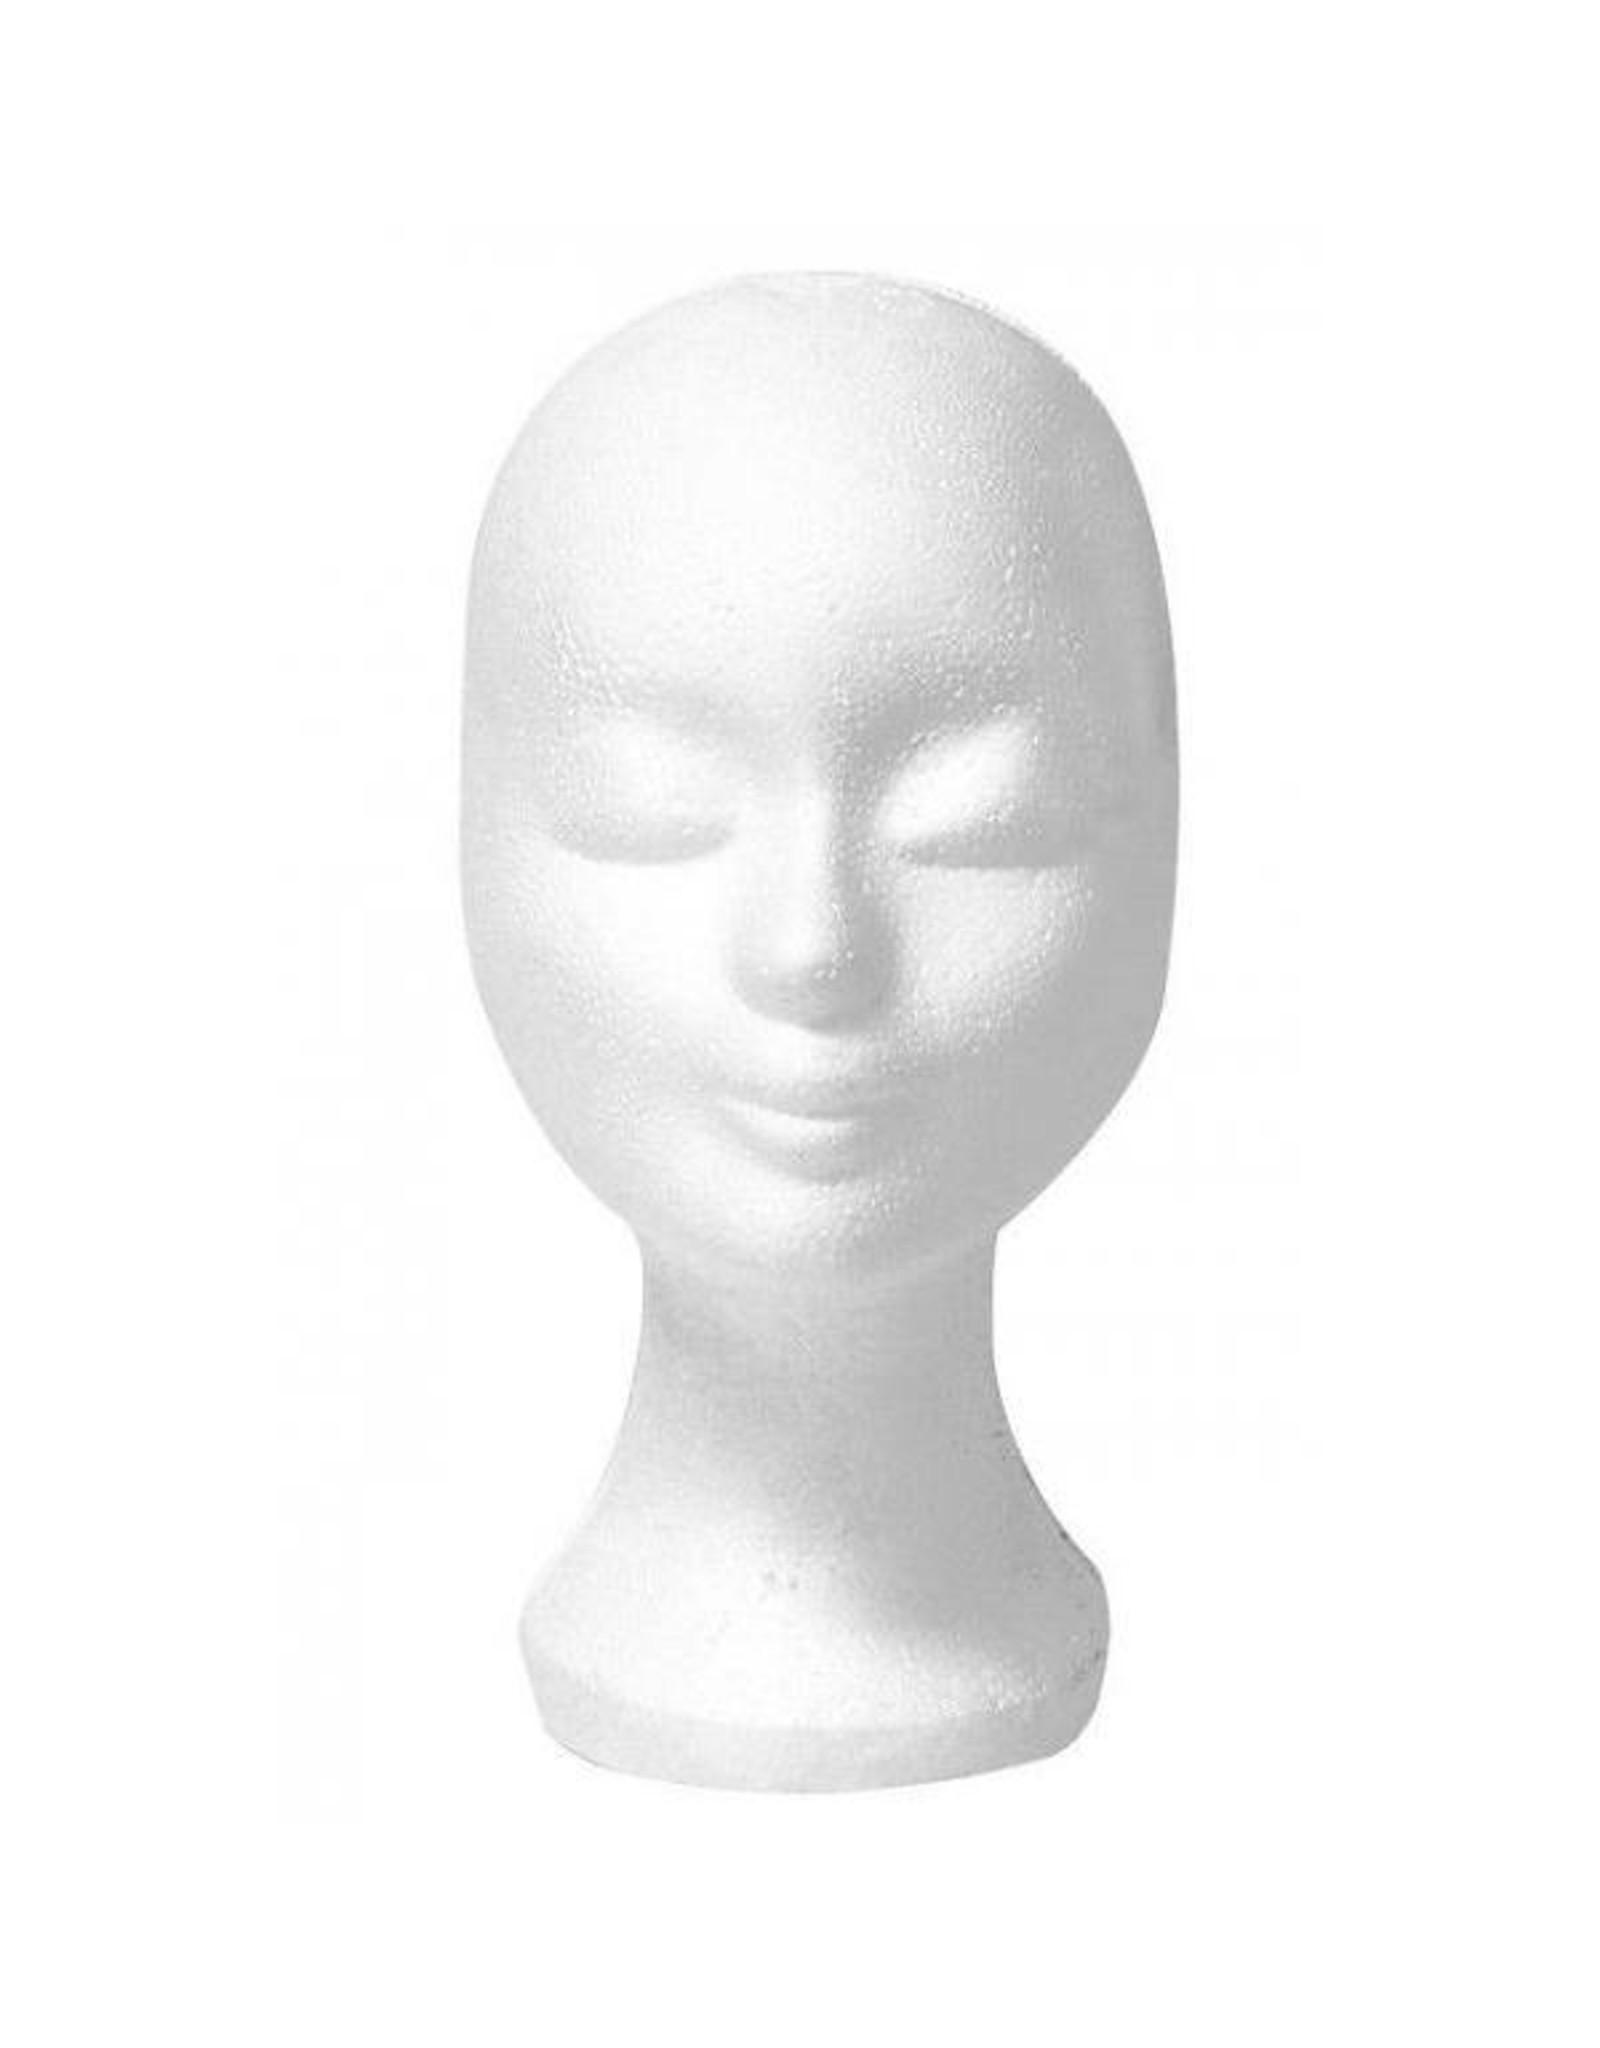 Piepschuim hoofd